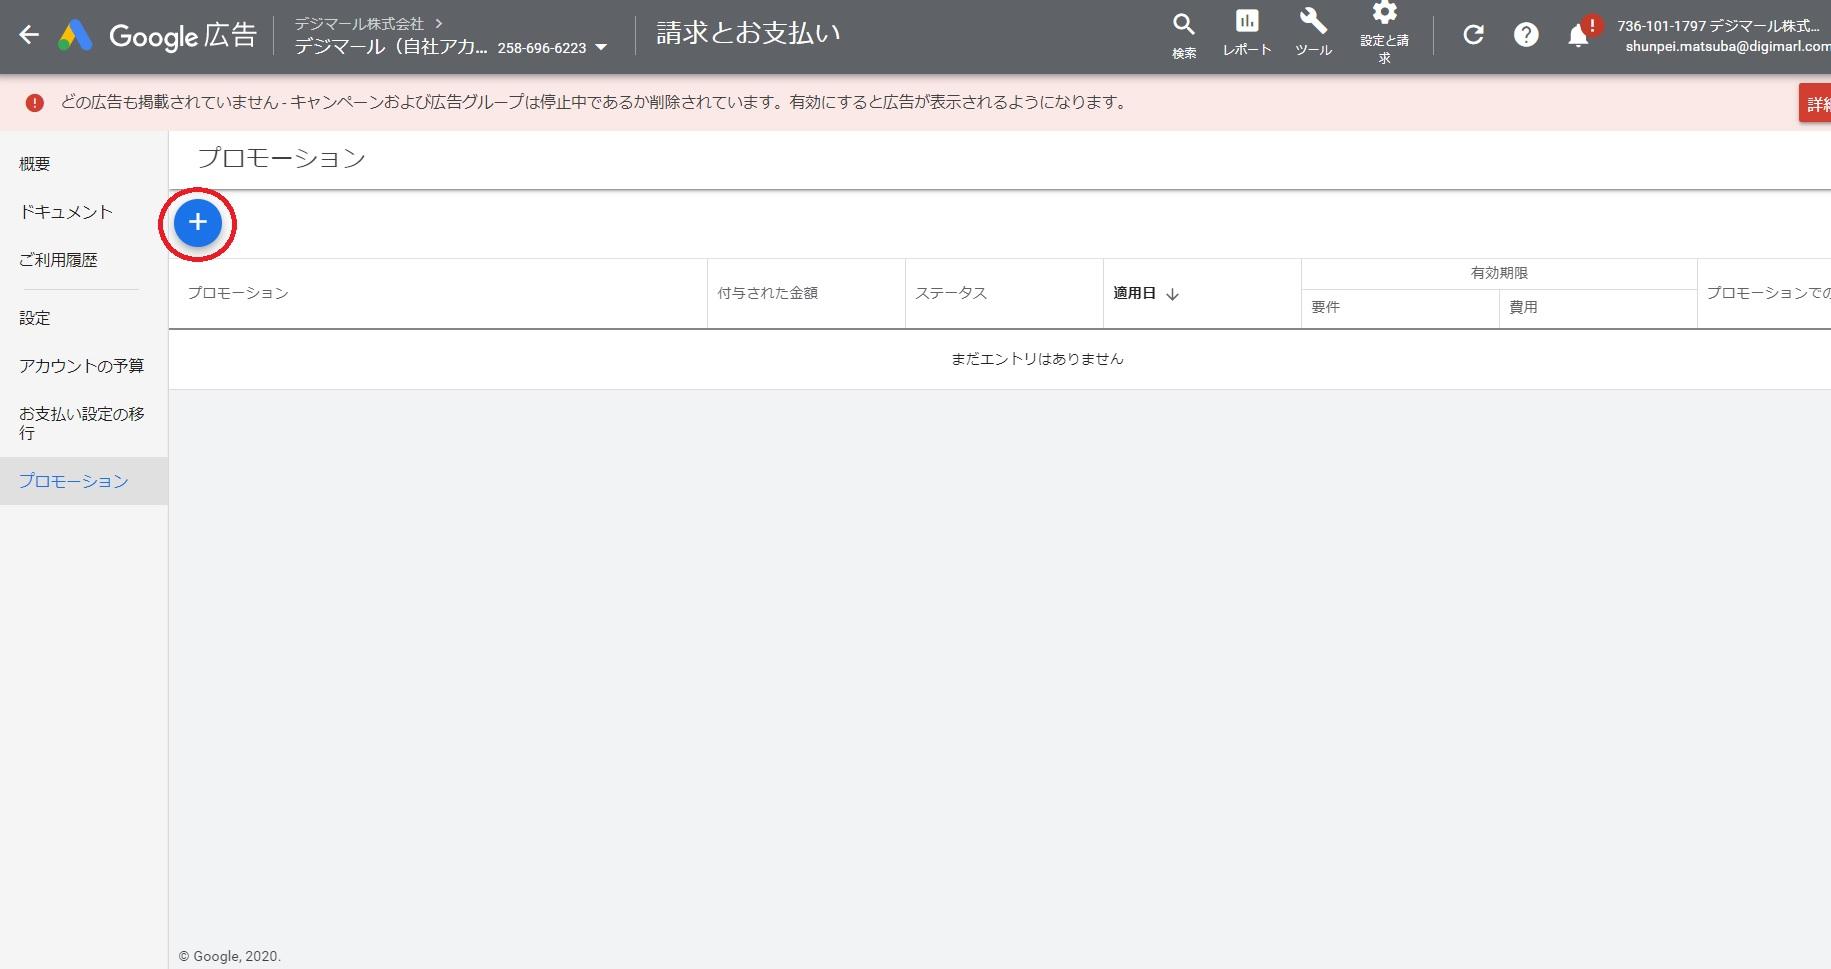 プロモーションコード管理画面